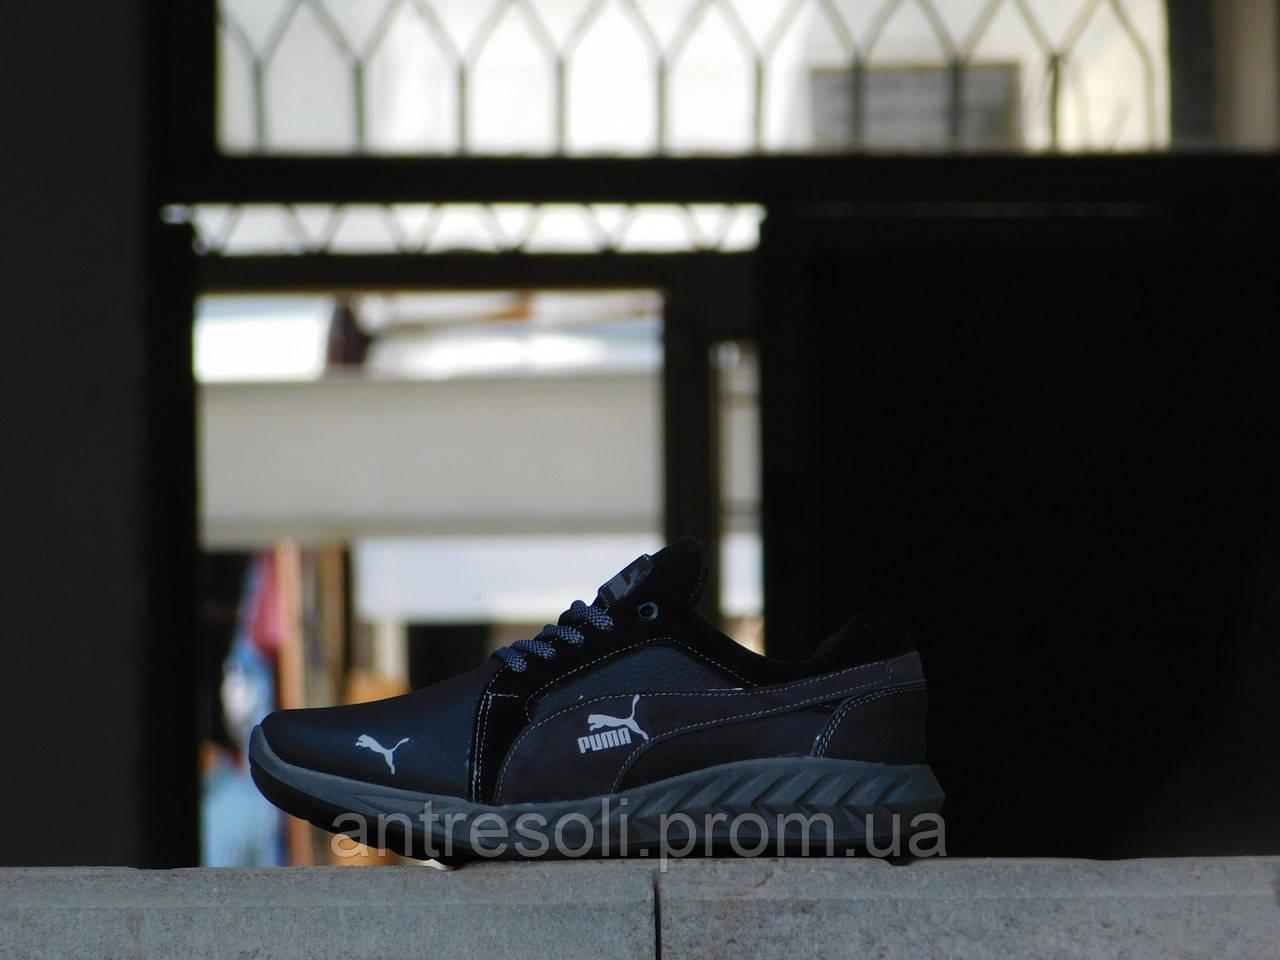 Мужские кроссовки Puma Черный\Серый 10296